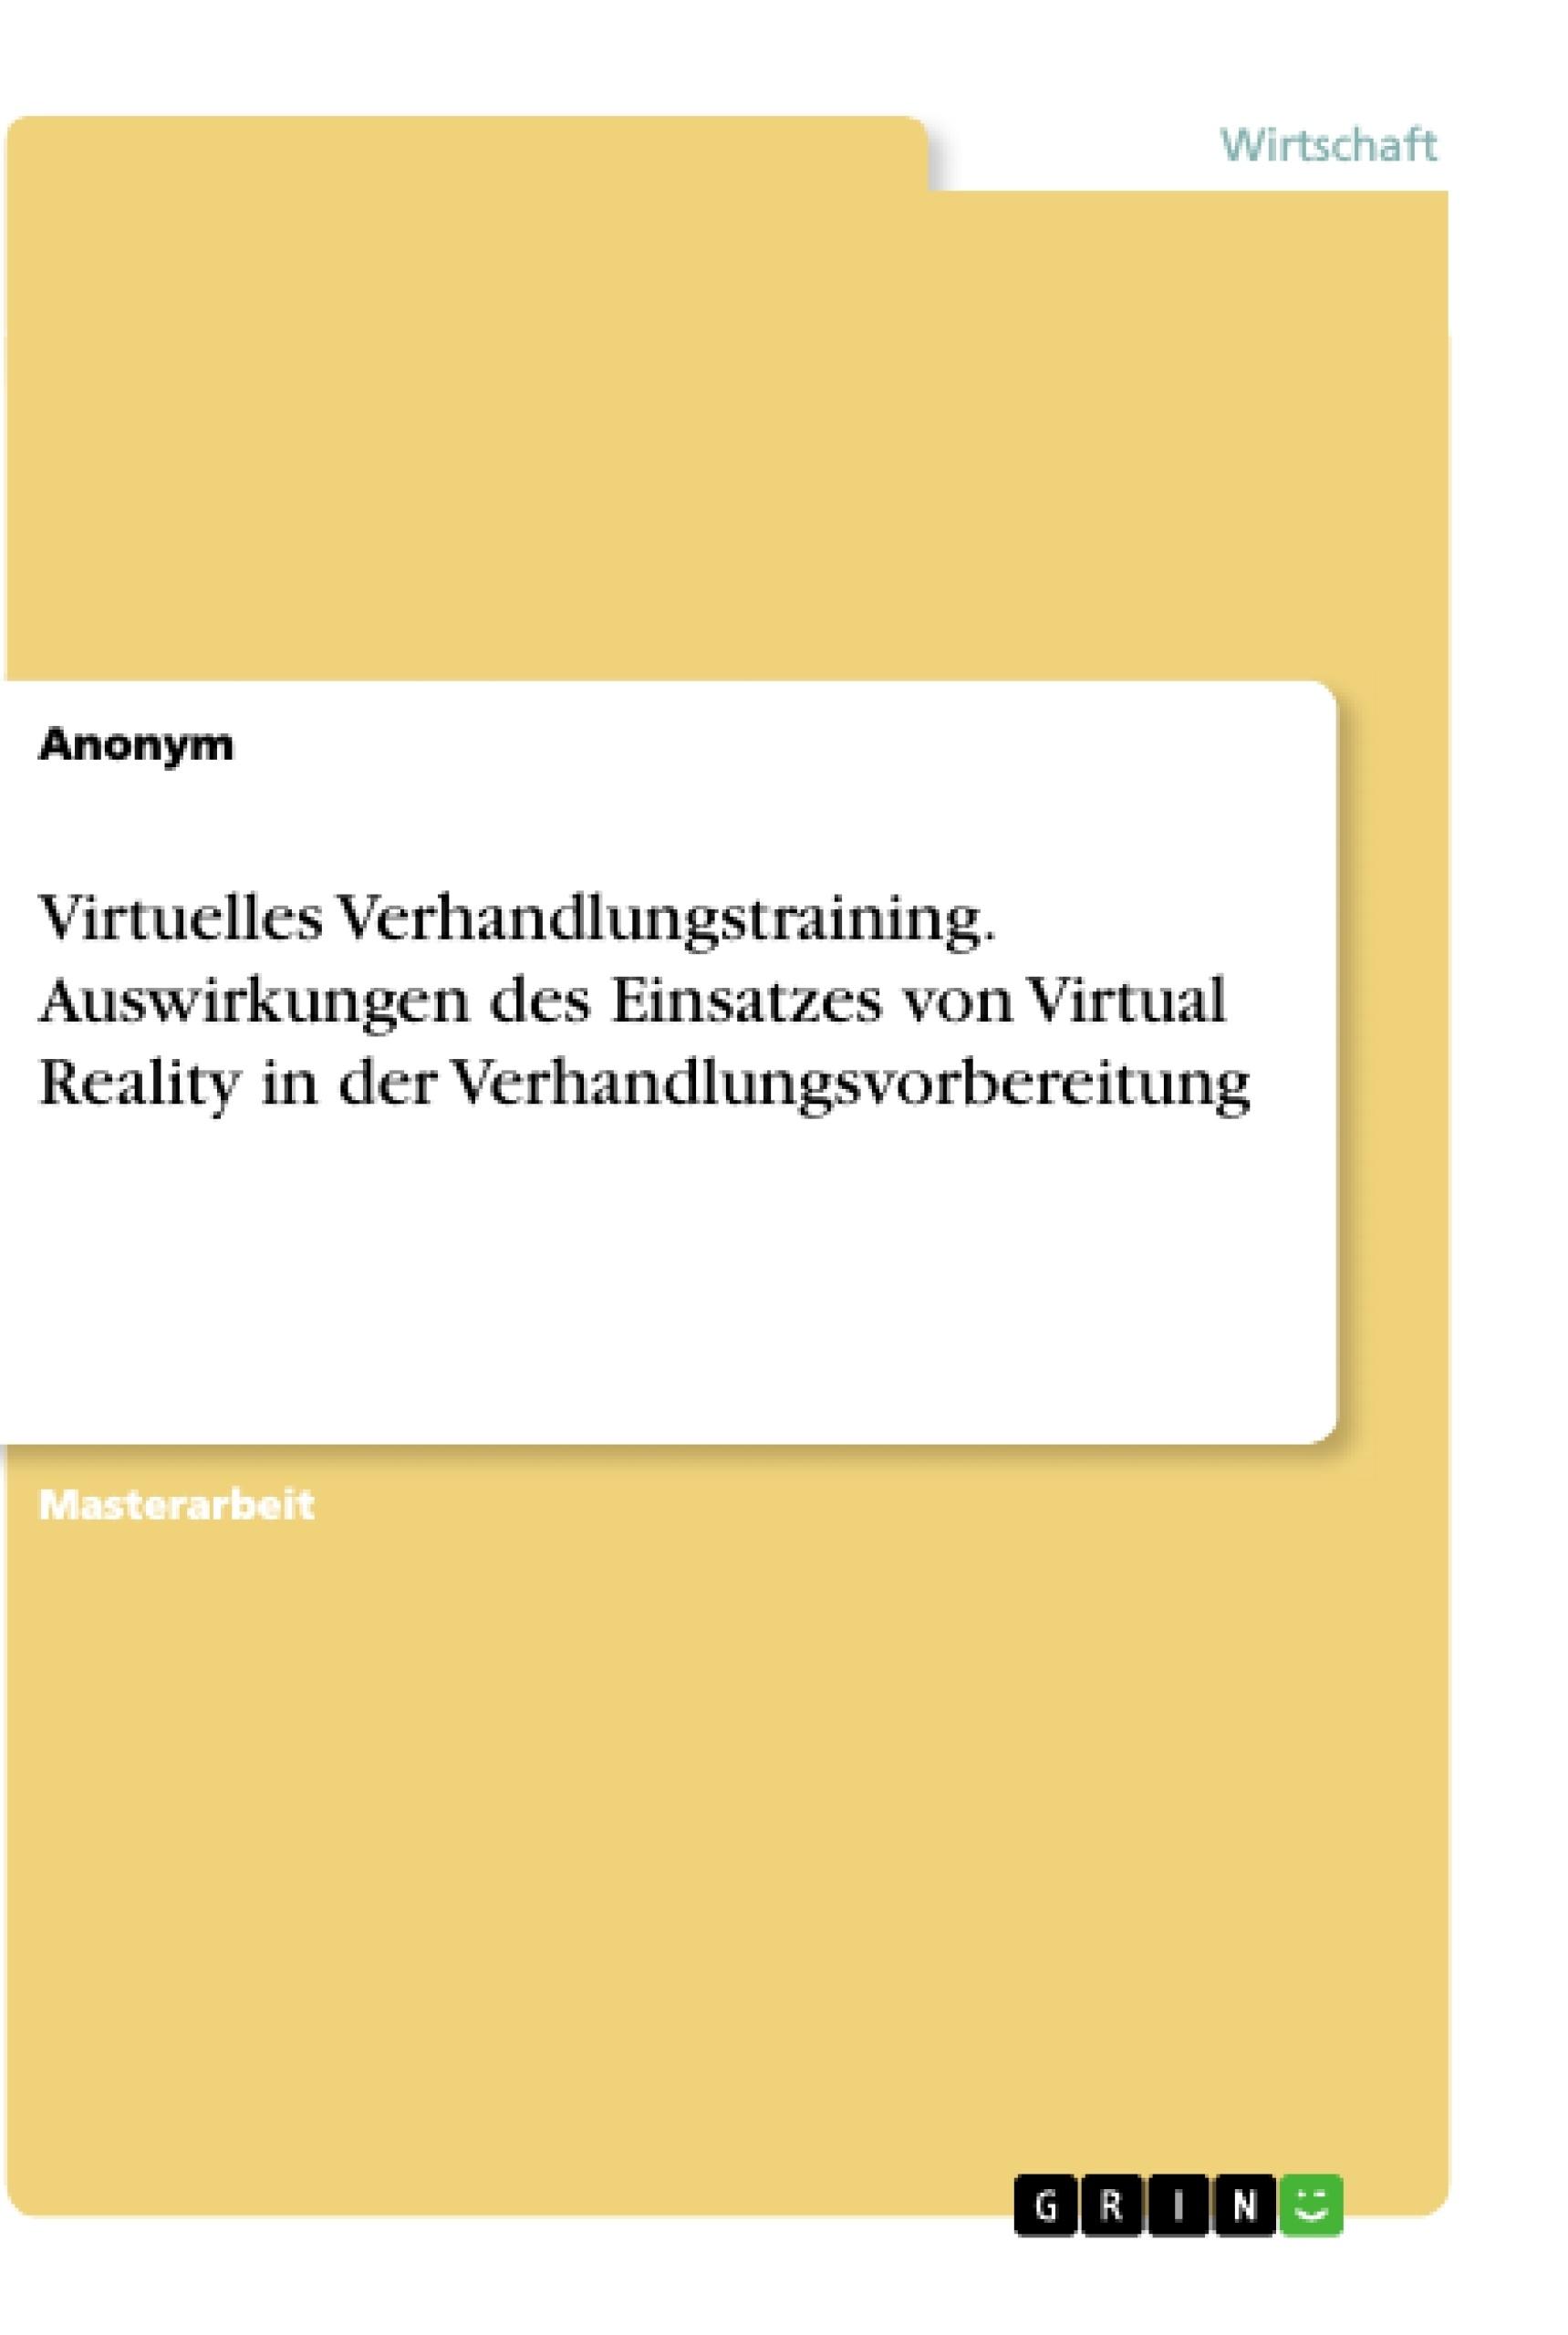 Titel: Virtuelles Verhandlungstraining. Auswirkungen des Einsatzes von Virtual Reality in der Verhandlungsvorbereitung